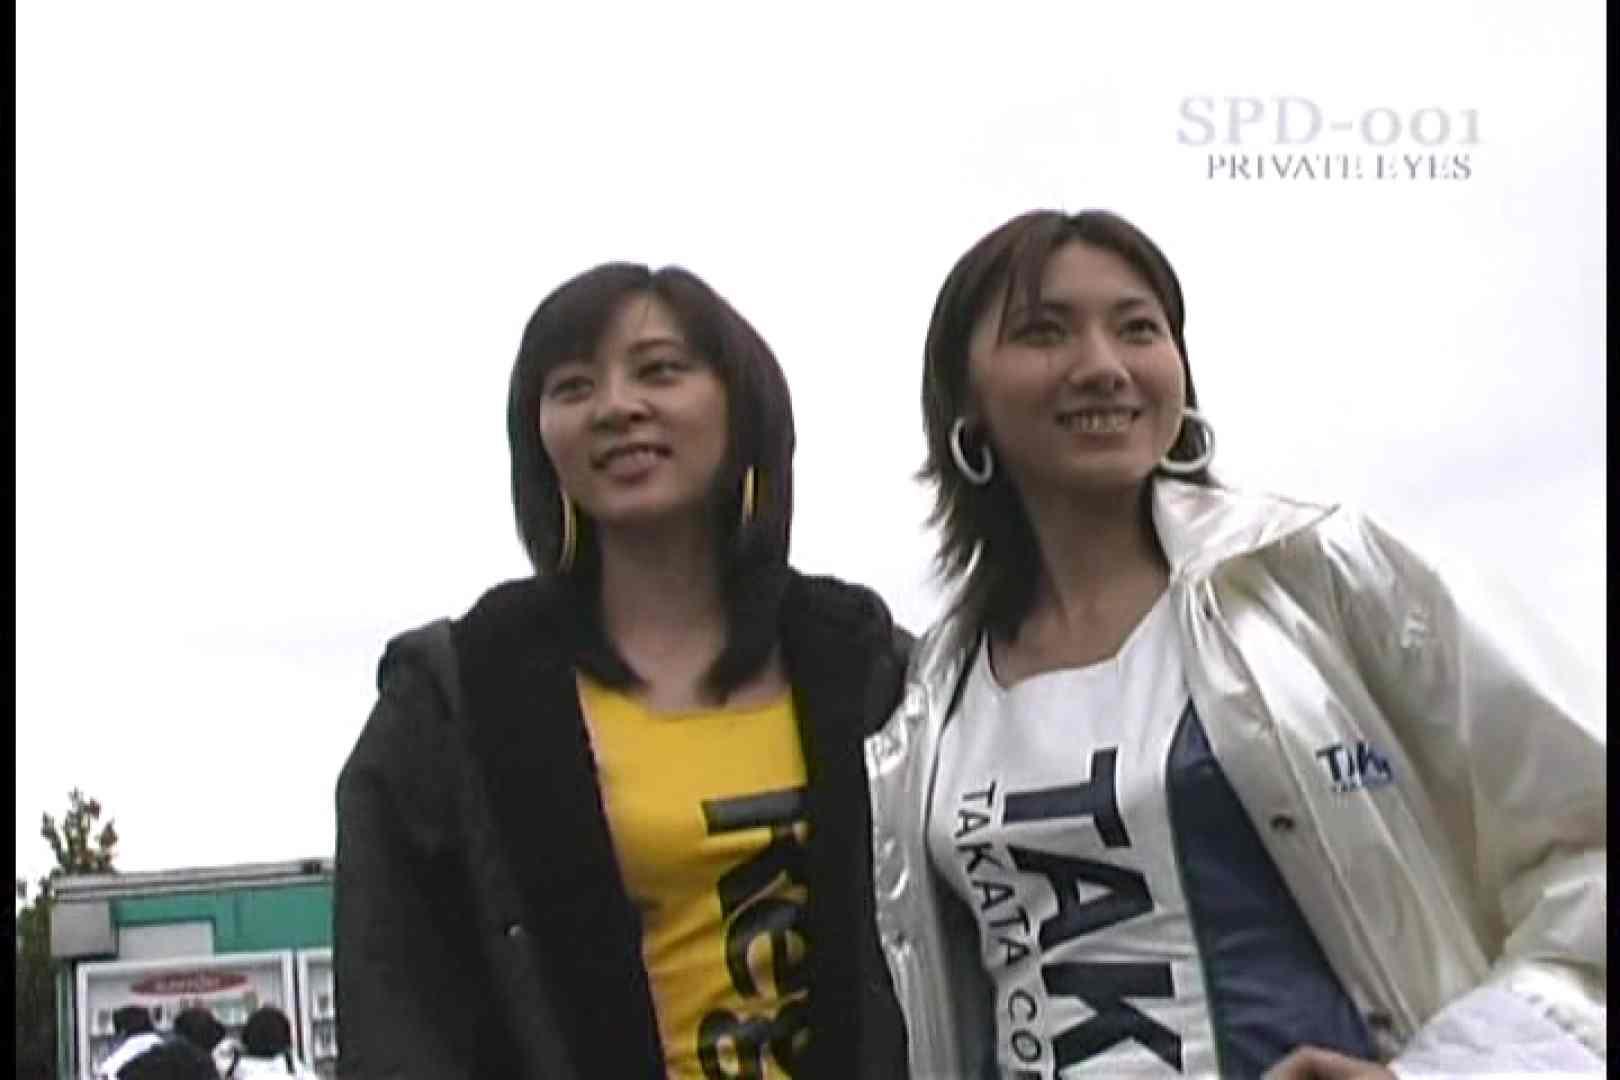 高画質版!SPD-001 サーキットの女神達 Vol.00 名作 おまんこ動画流出 70連発 67